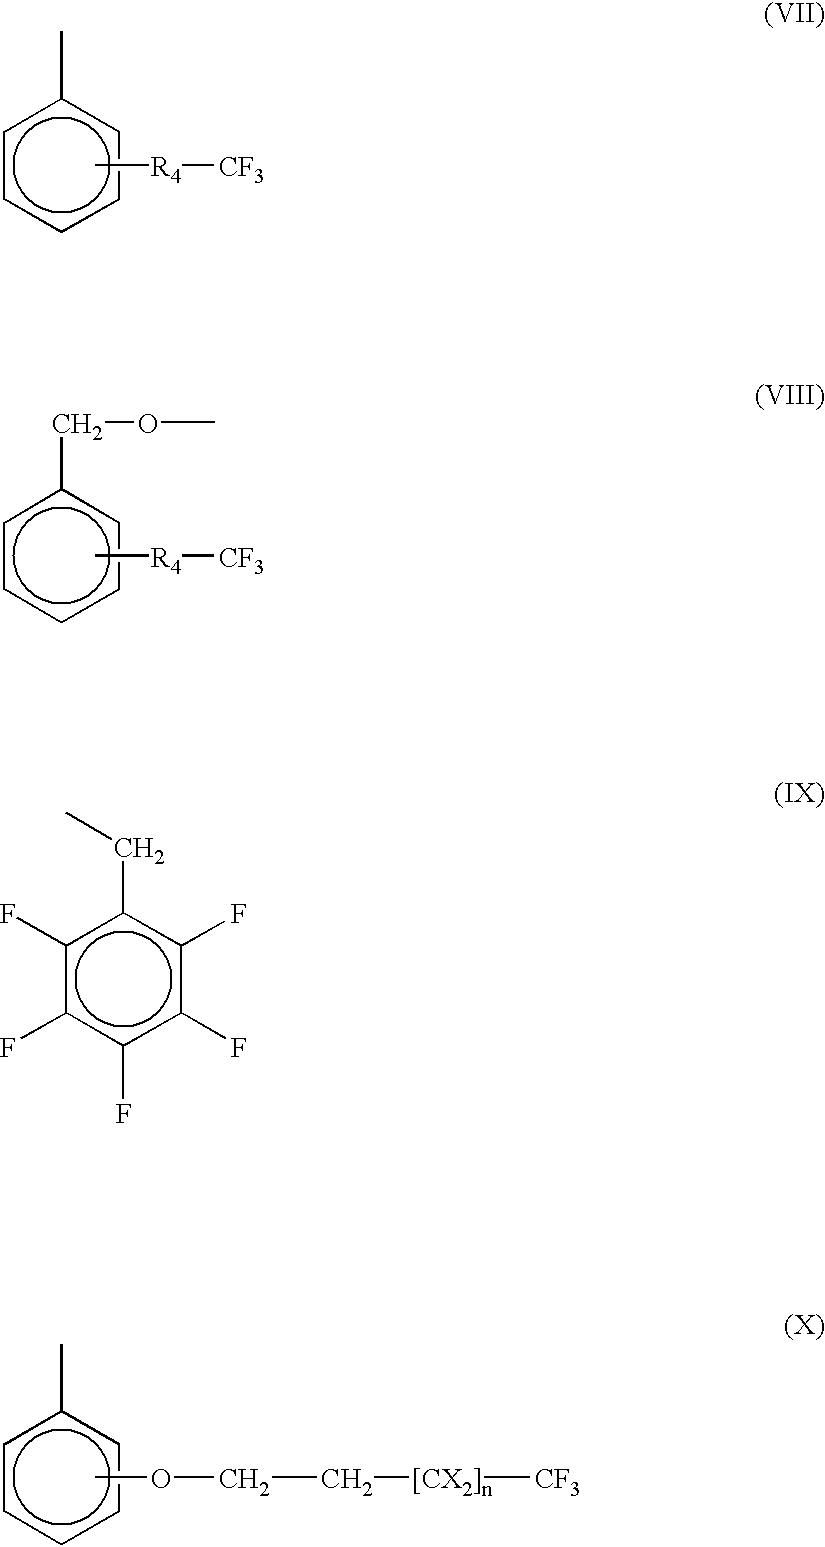 Figure US06841641-20050111-C00005